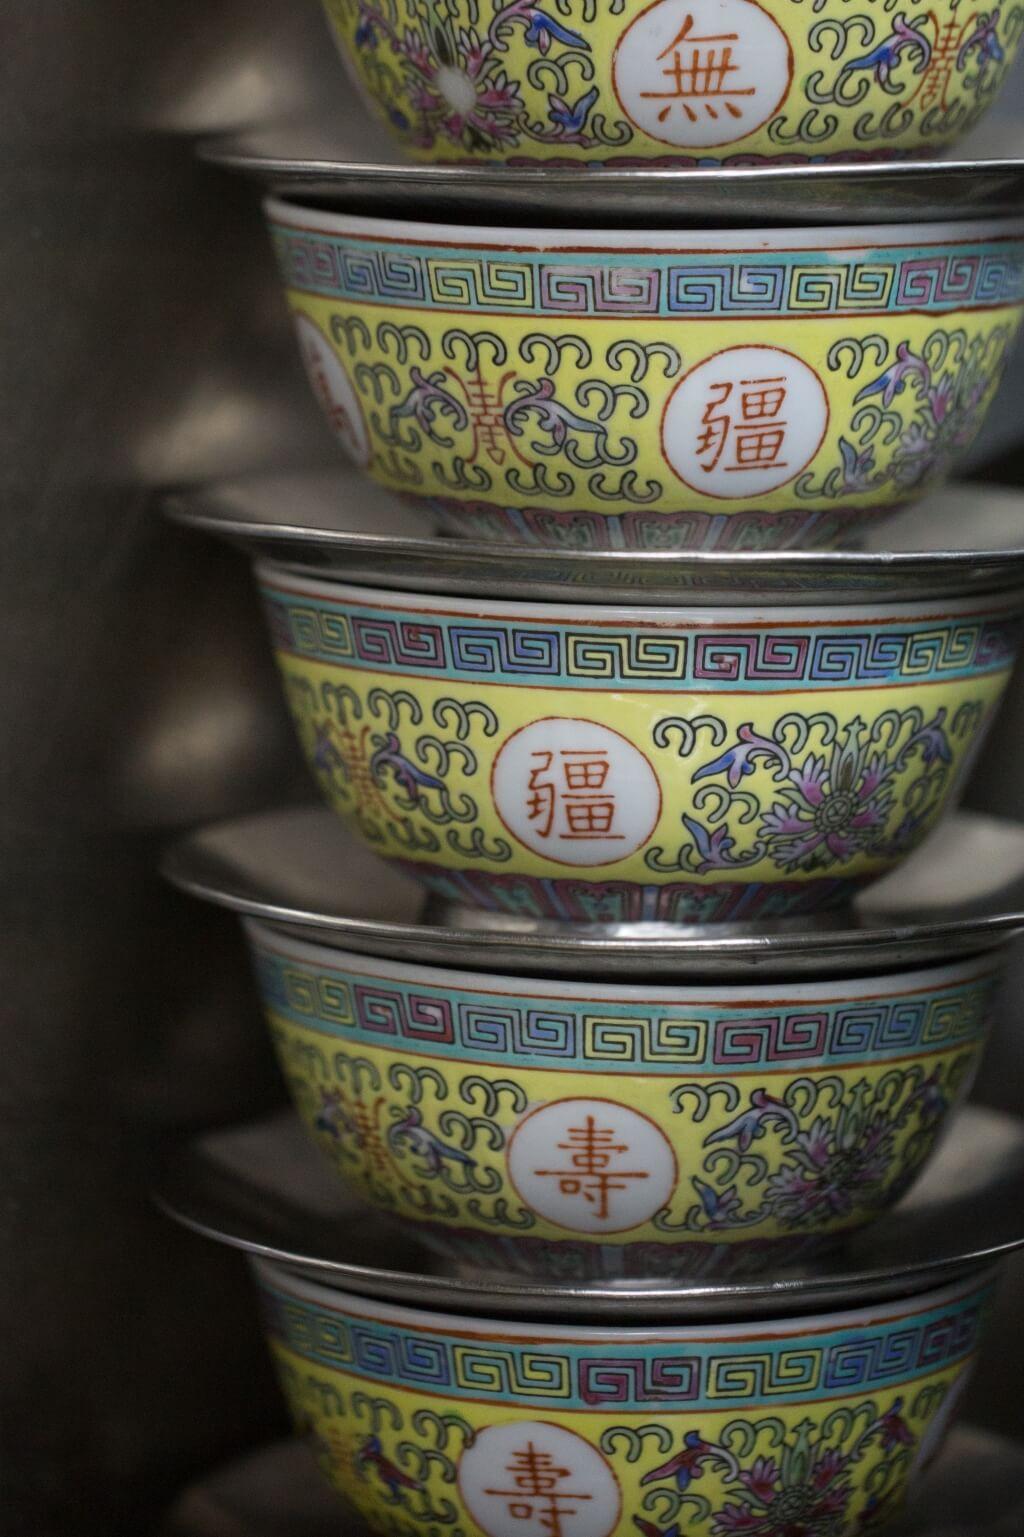 一幢幢黃萬壽擺放在餐廳裏, 由開業至今一直沿用,主要盛 載桑寄生蓮子蛋茶。